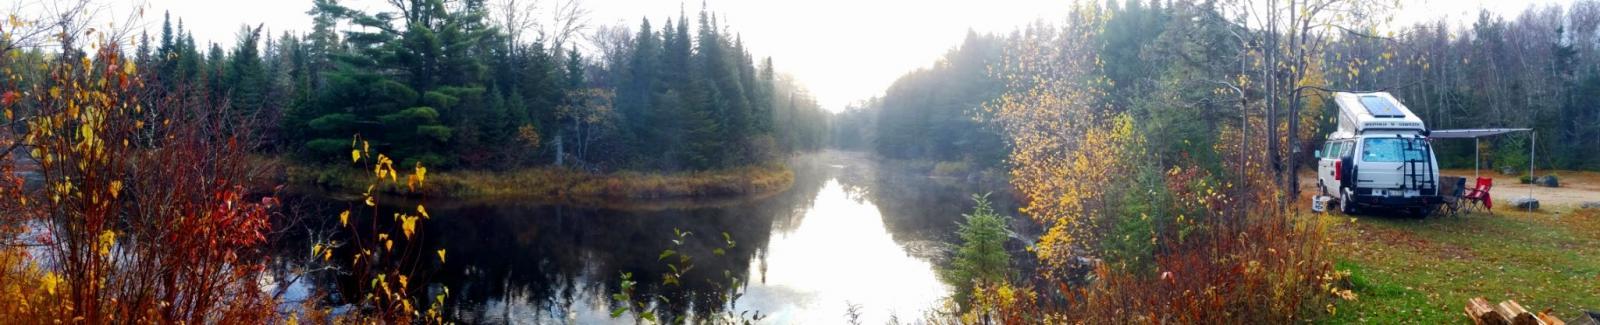 Machias River Corridor, Maine Public Lands